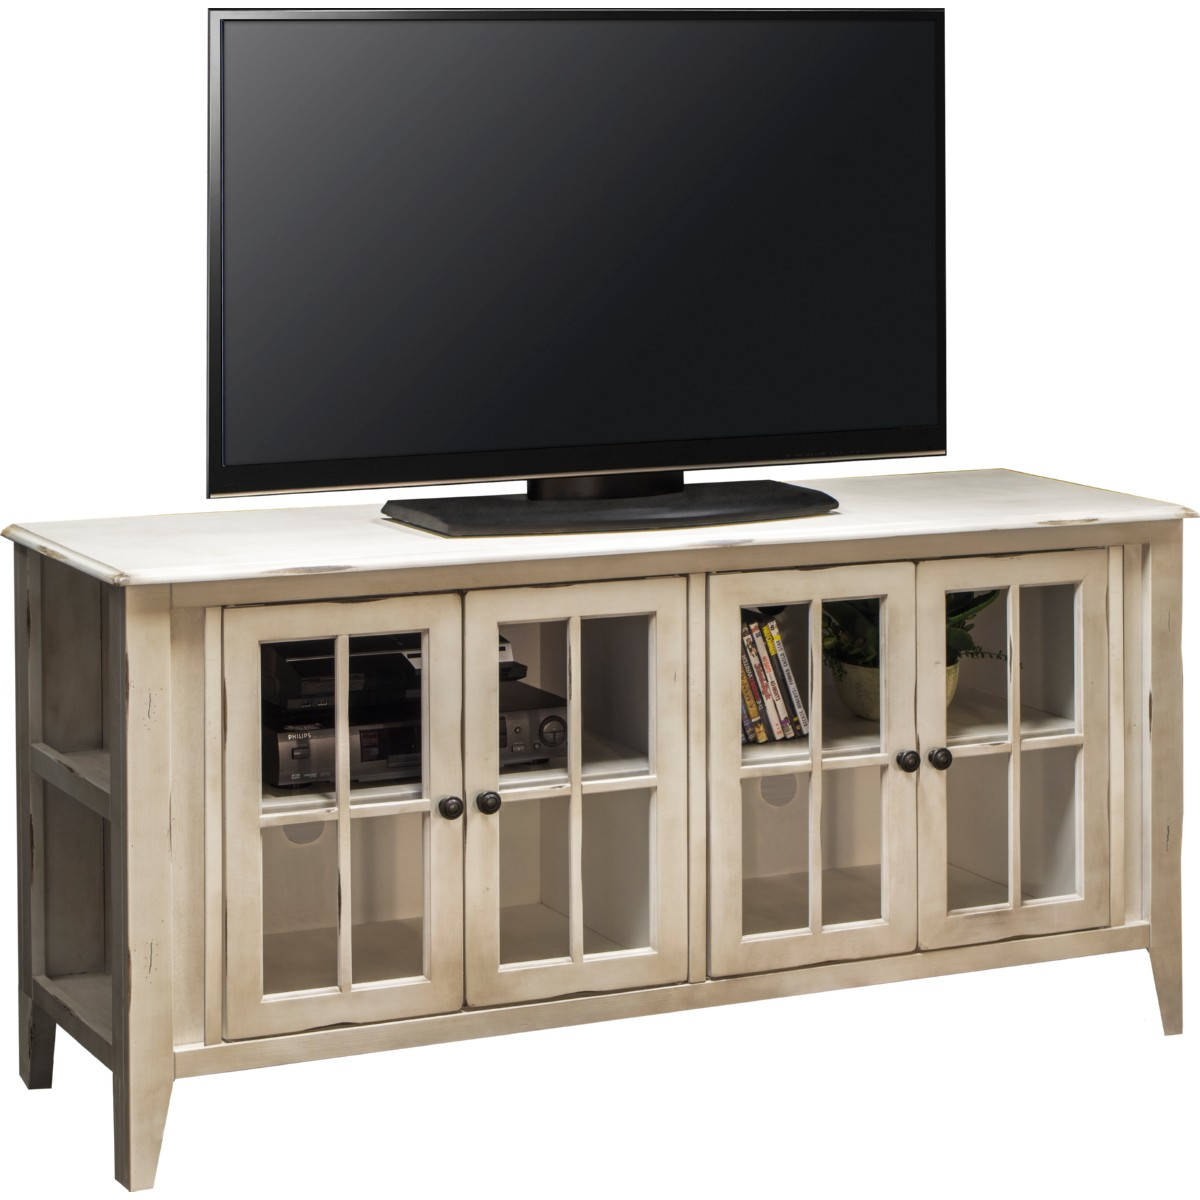 Legends Furniture CA1451 Calistoga White 64 TV Stand